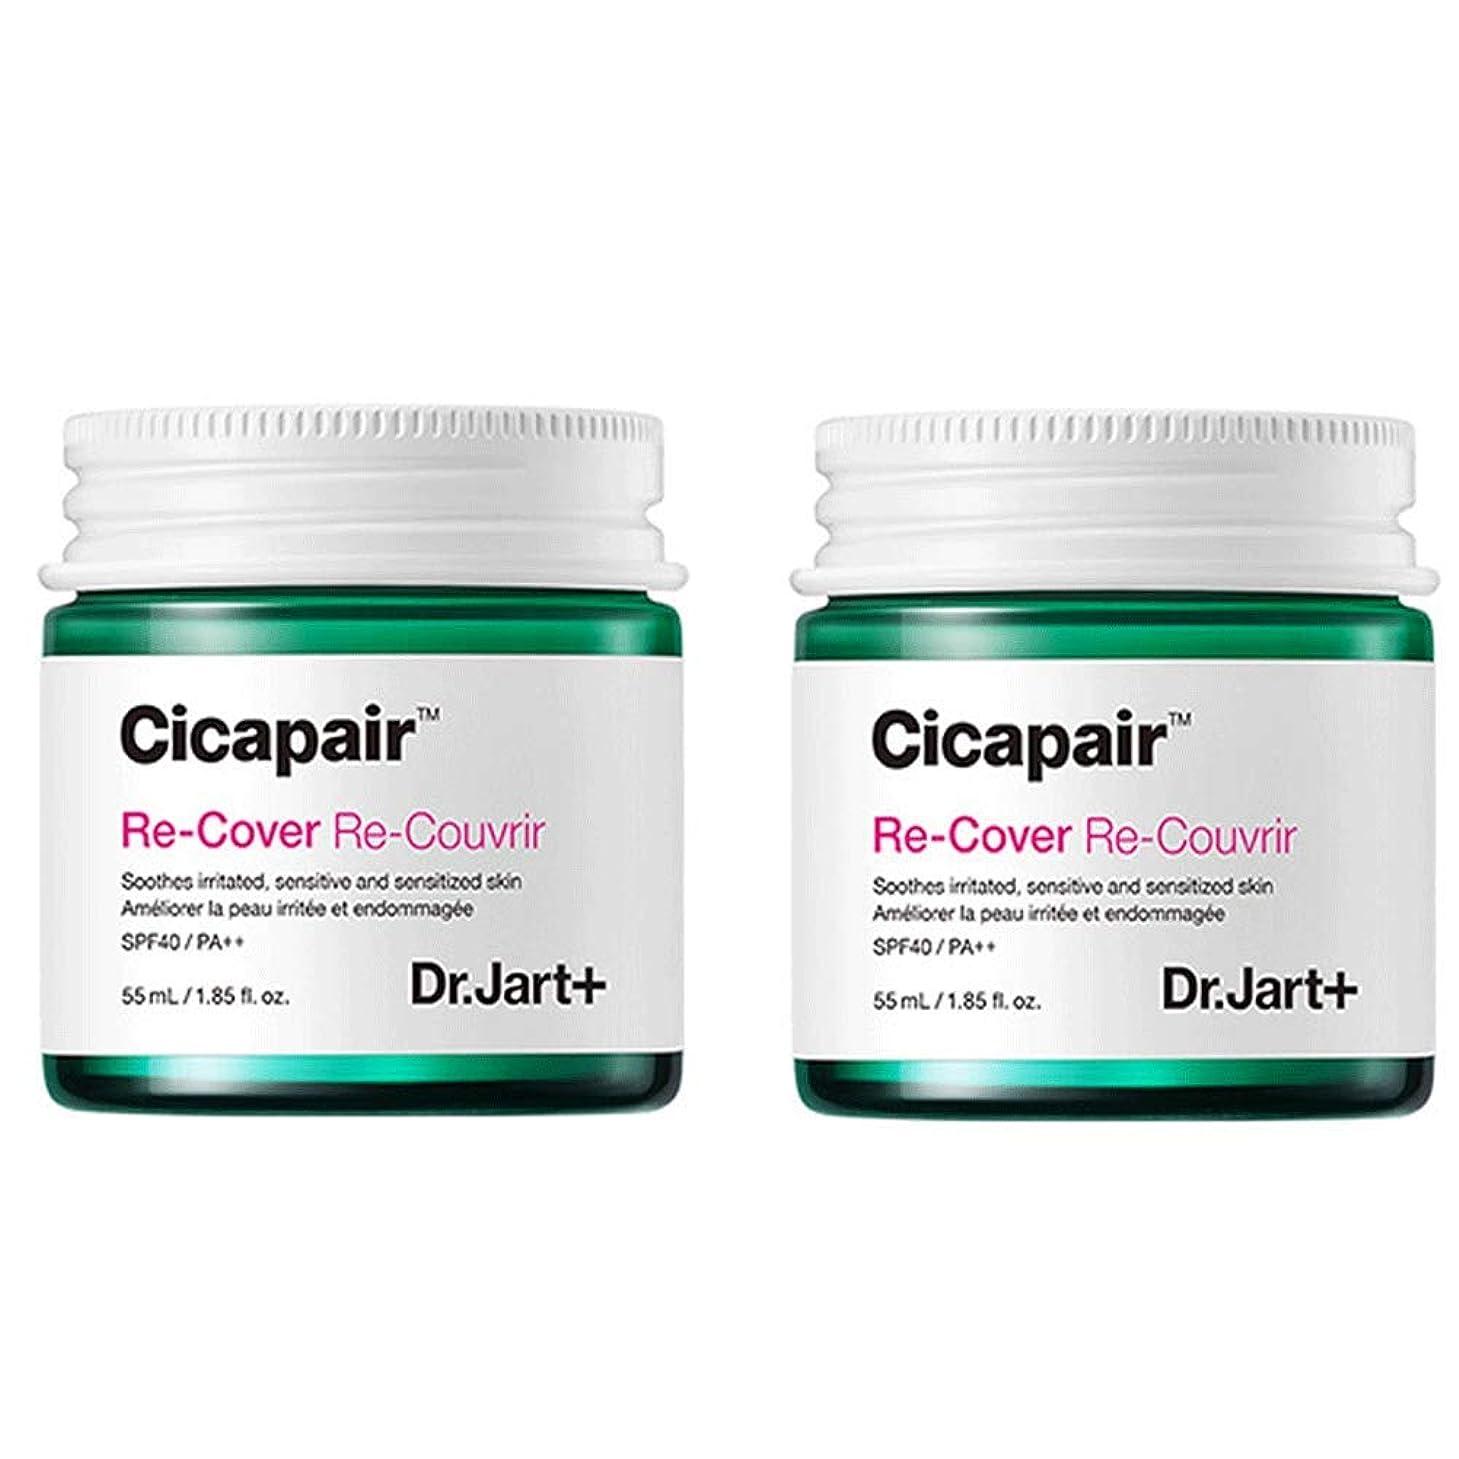 概念セットアップ水没Dr.Jart+ Cicapair ReCover X 2 ドクタージャルトシカペアリカバー X 2 (2代目)皮膚回復 紫外線カット 黄砂ケア [並行輸入品]